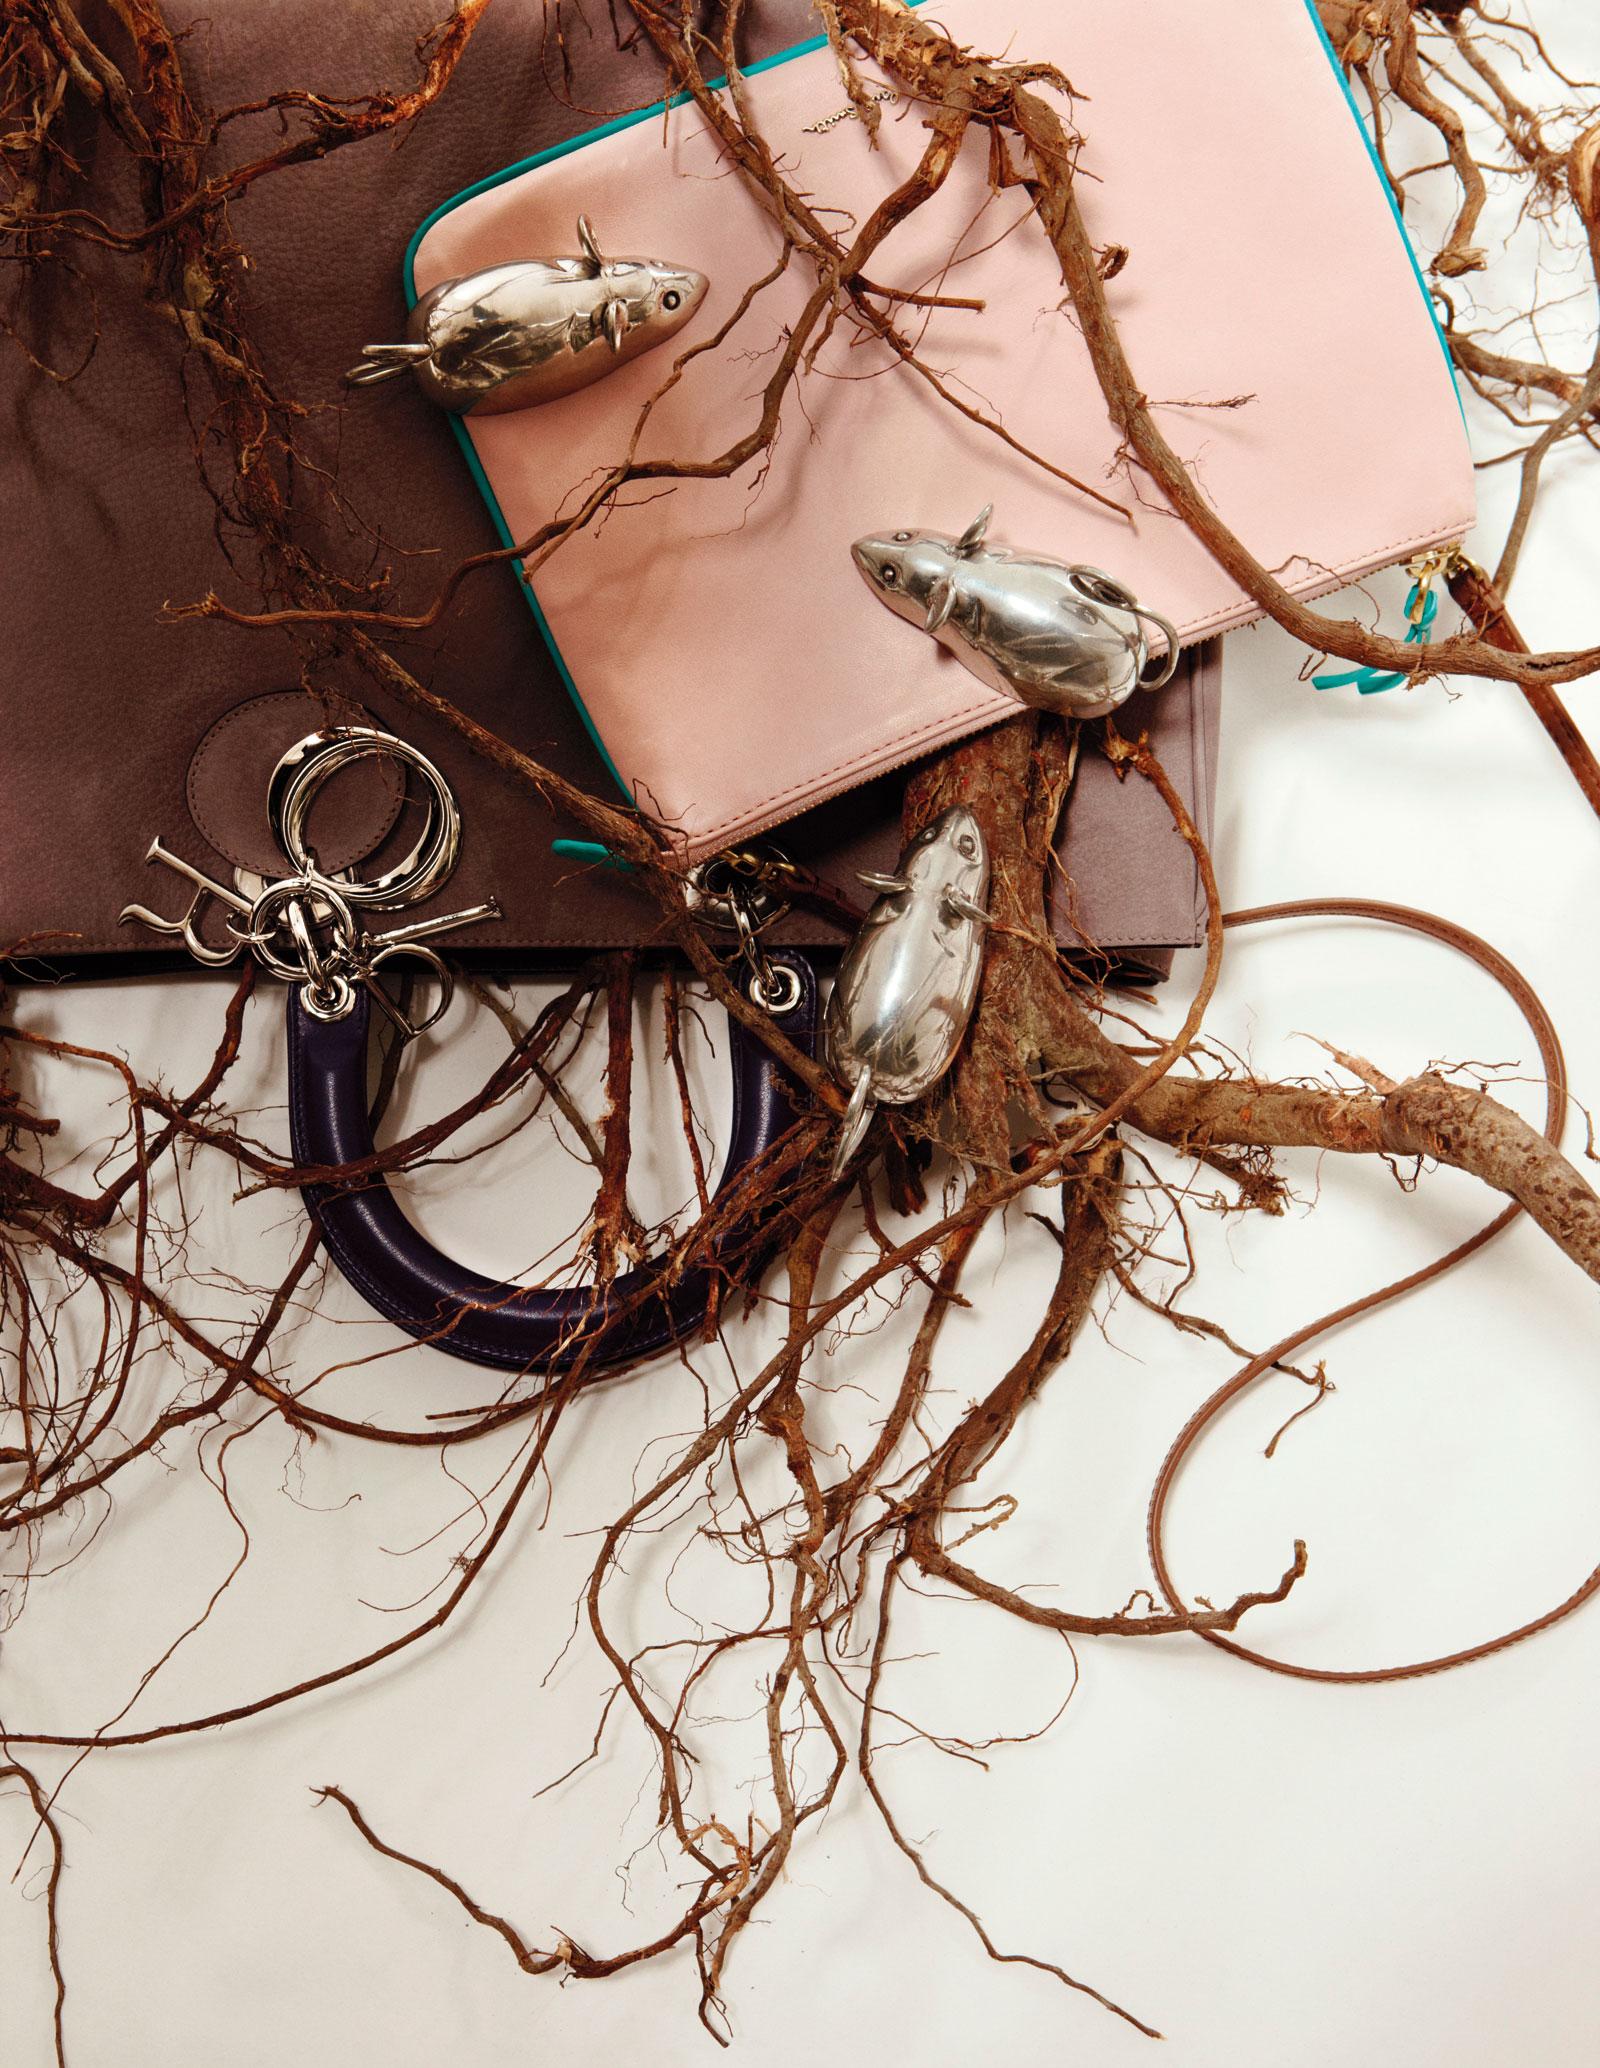 001-Manzotti_Paul-Smith-Accessories_Dior